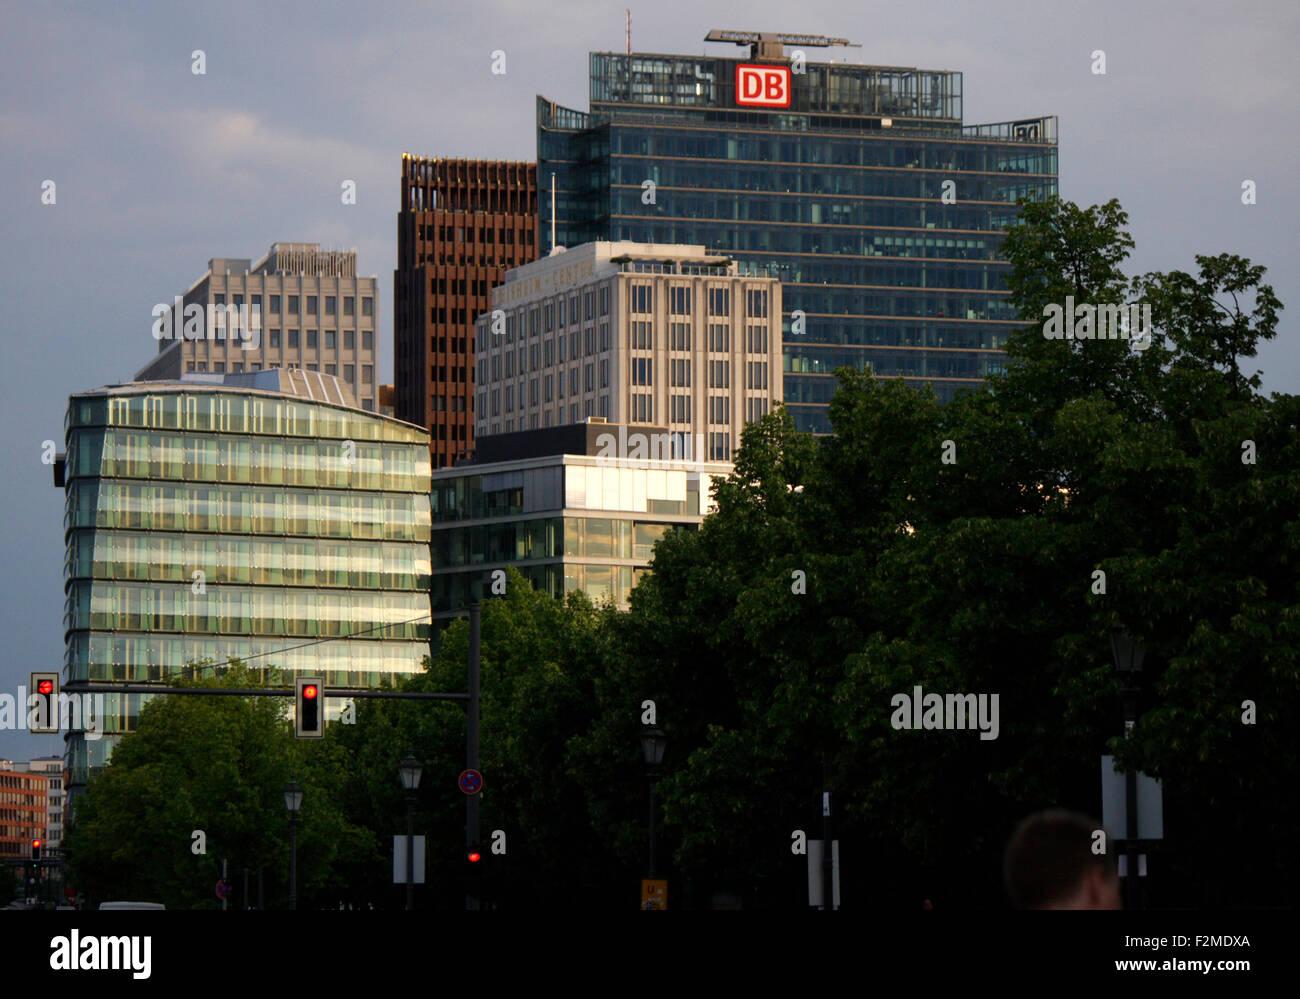 Hochhaeuser am Potsdamer Platz, Berlin. - Stock Image